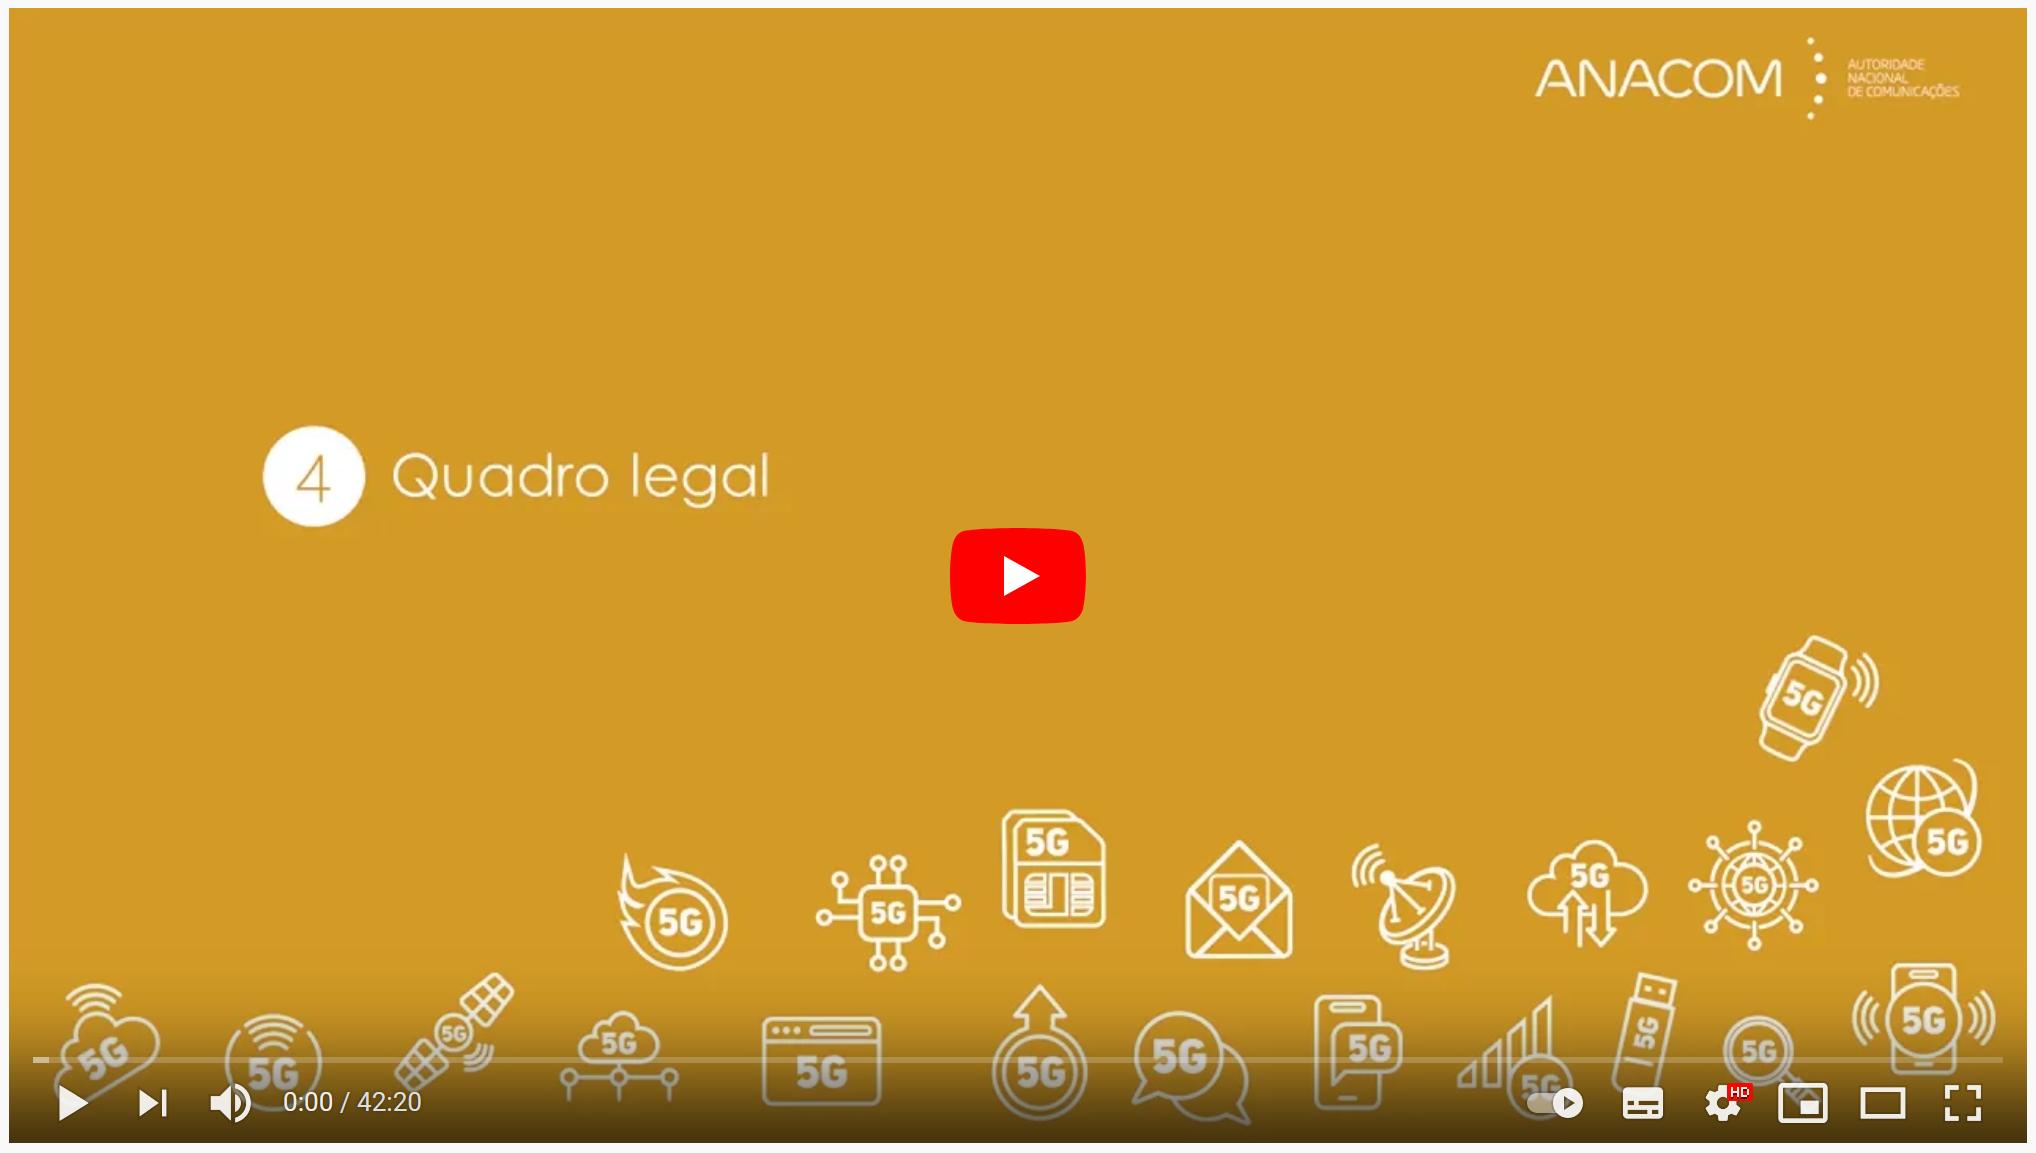 4.-video-quadro-legal-1